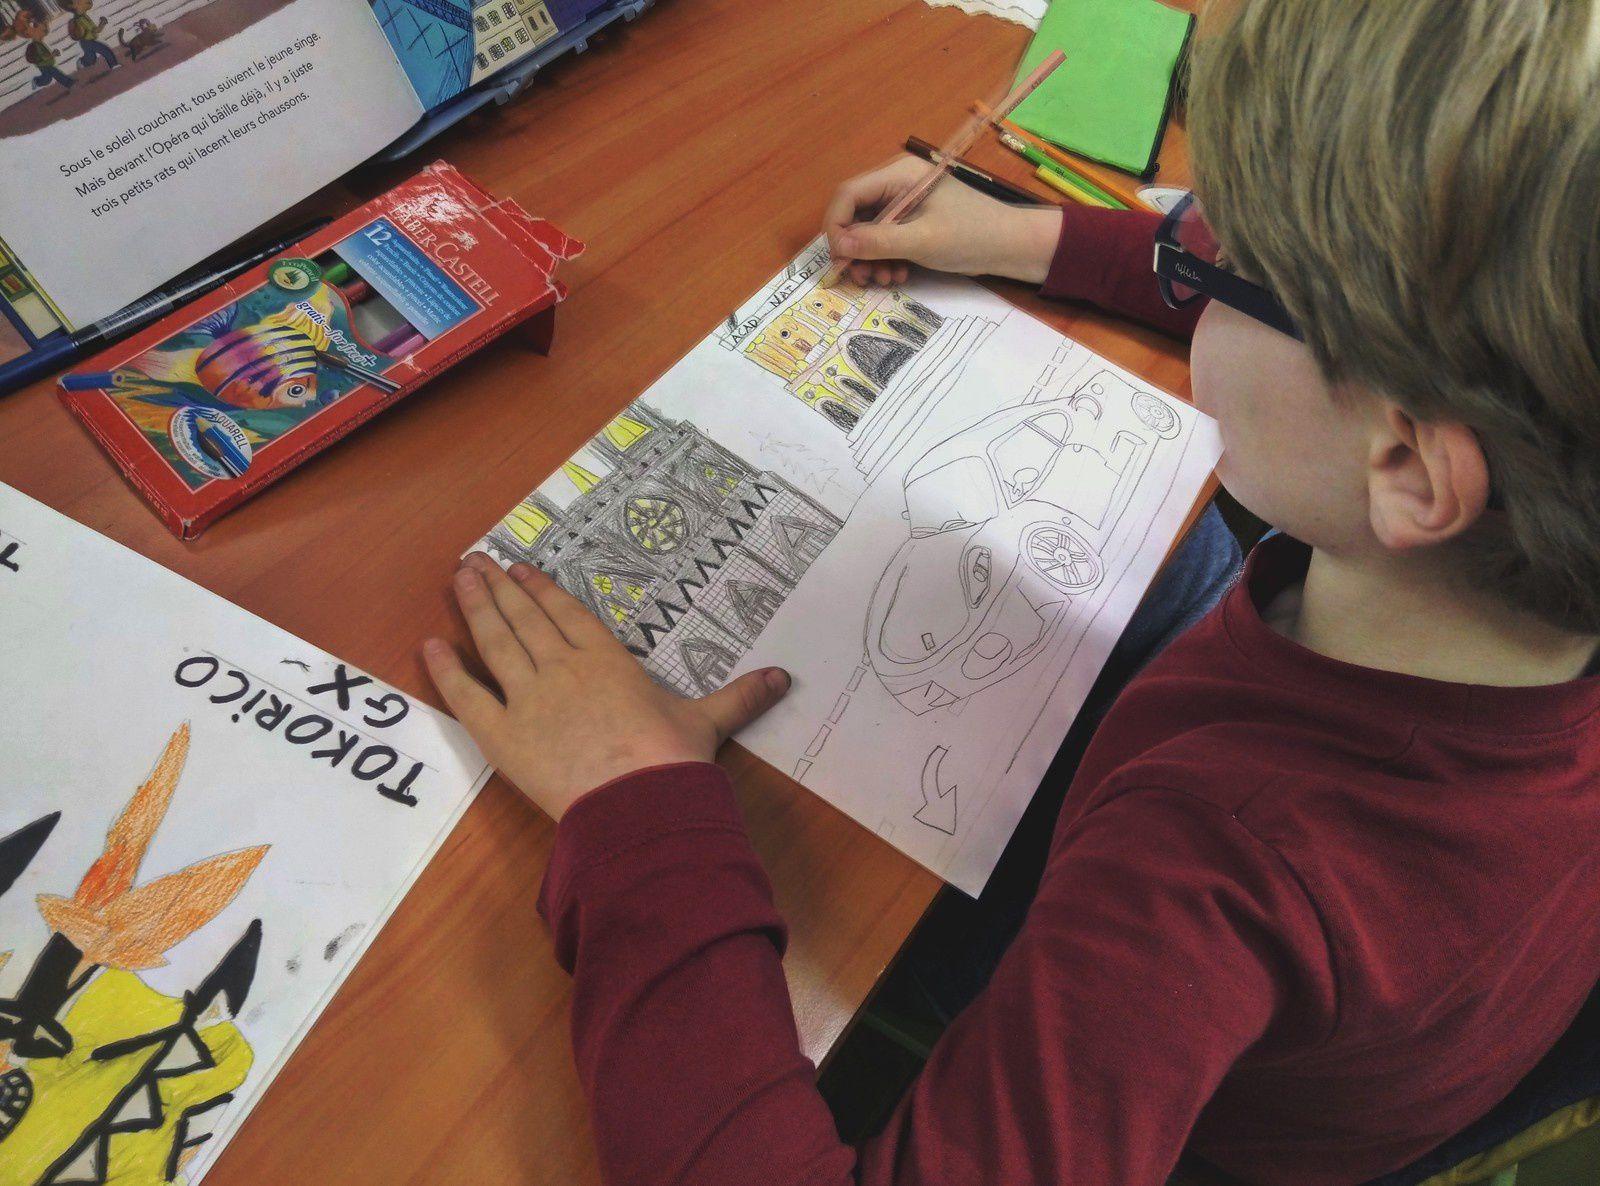 Oeuvres des élèves ... en février, on attend le 2 juin pour exposer !